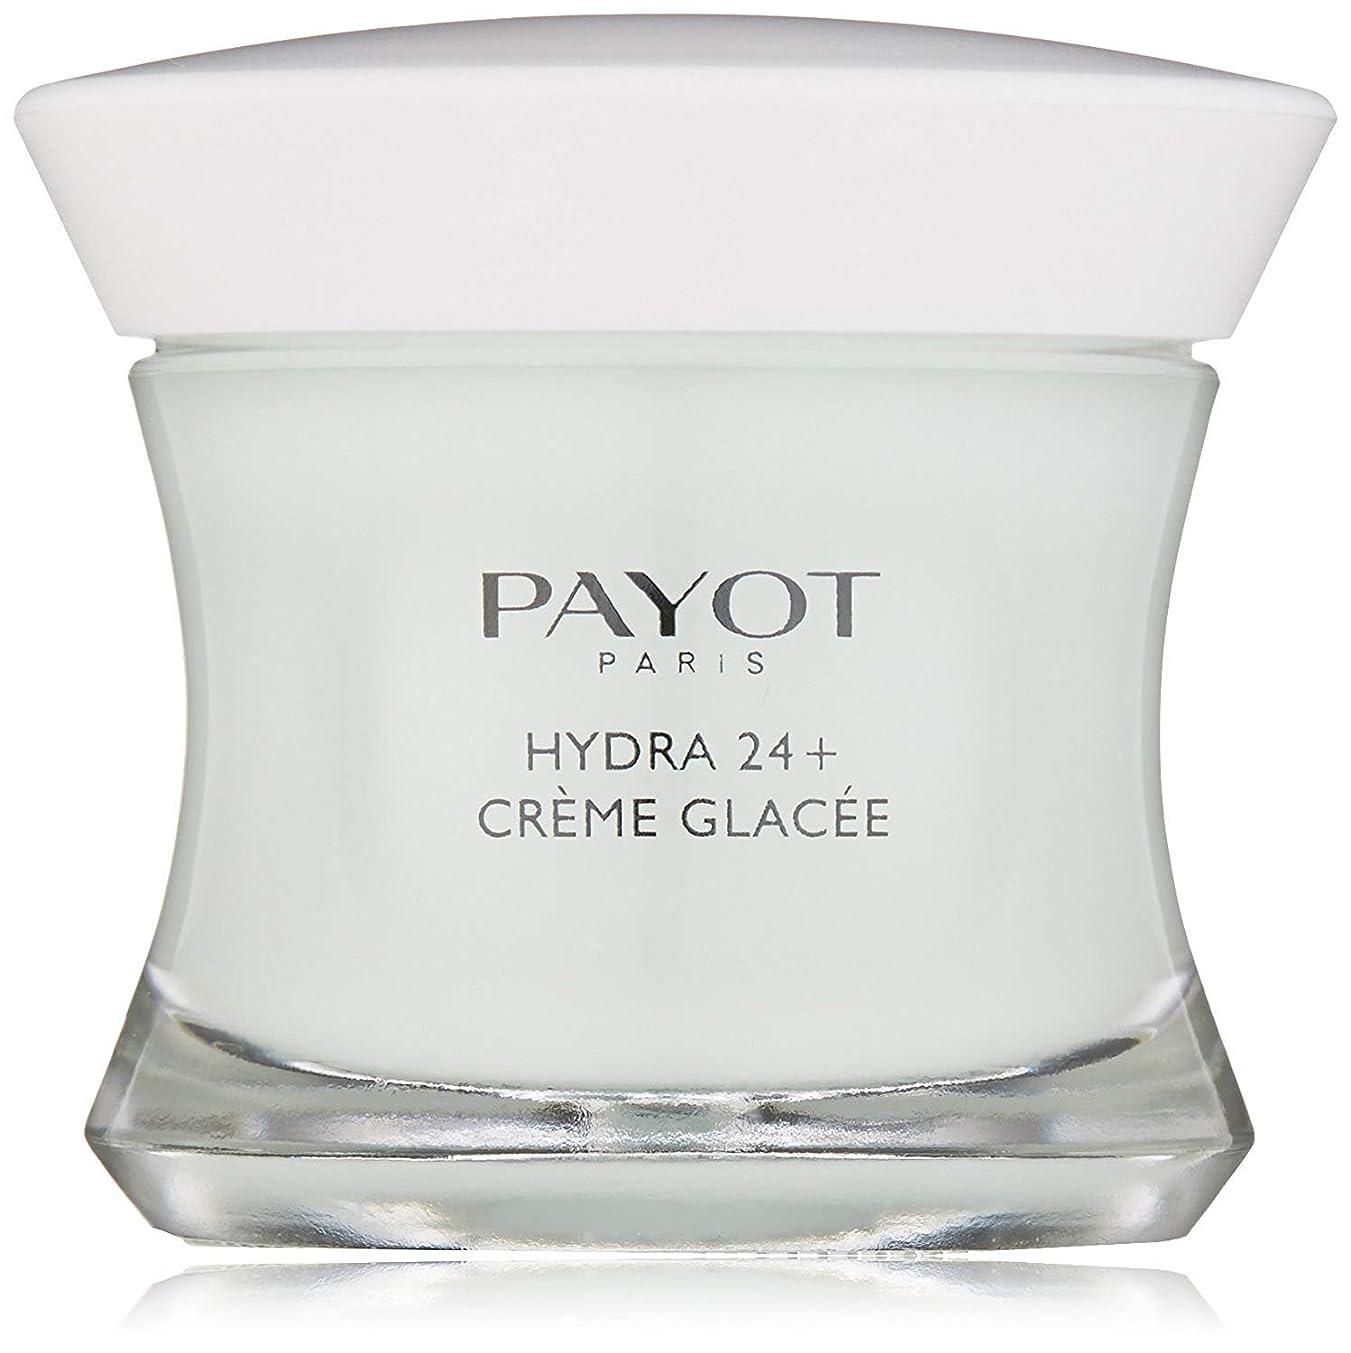 歌かまどテナント[PAYOT] [ Hydra 24 + Crème Glacee 50 ml] (並行輸入品)